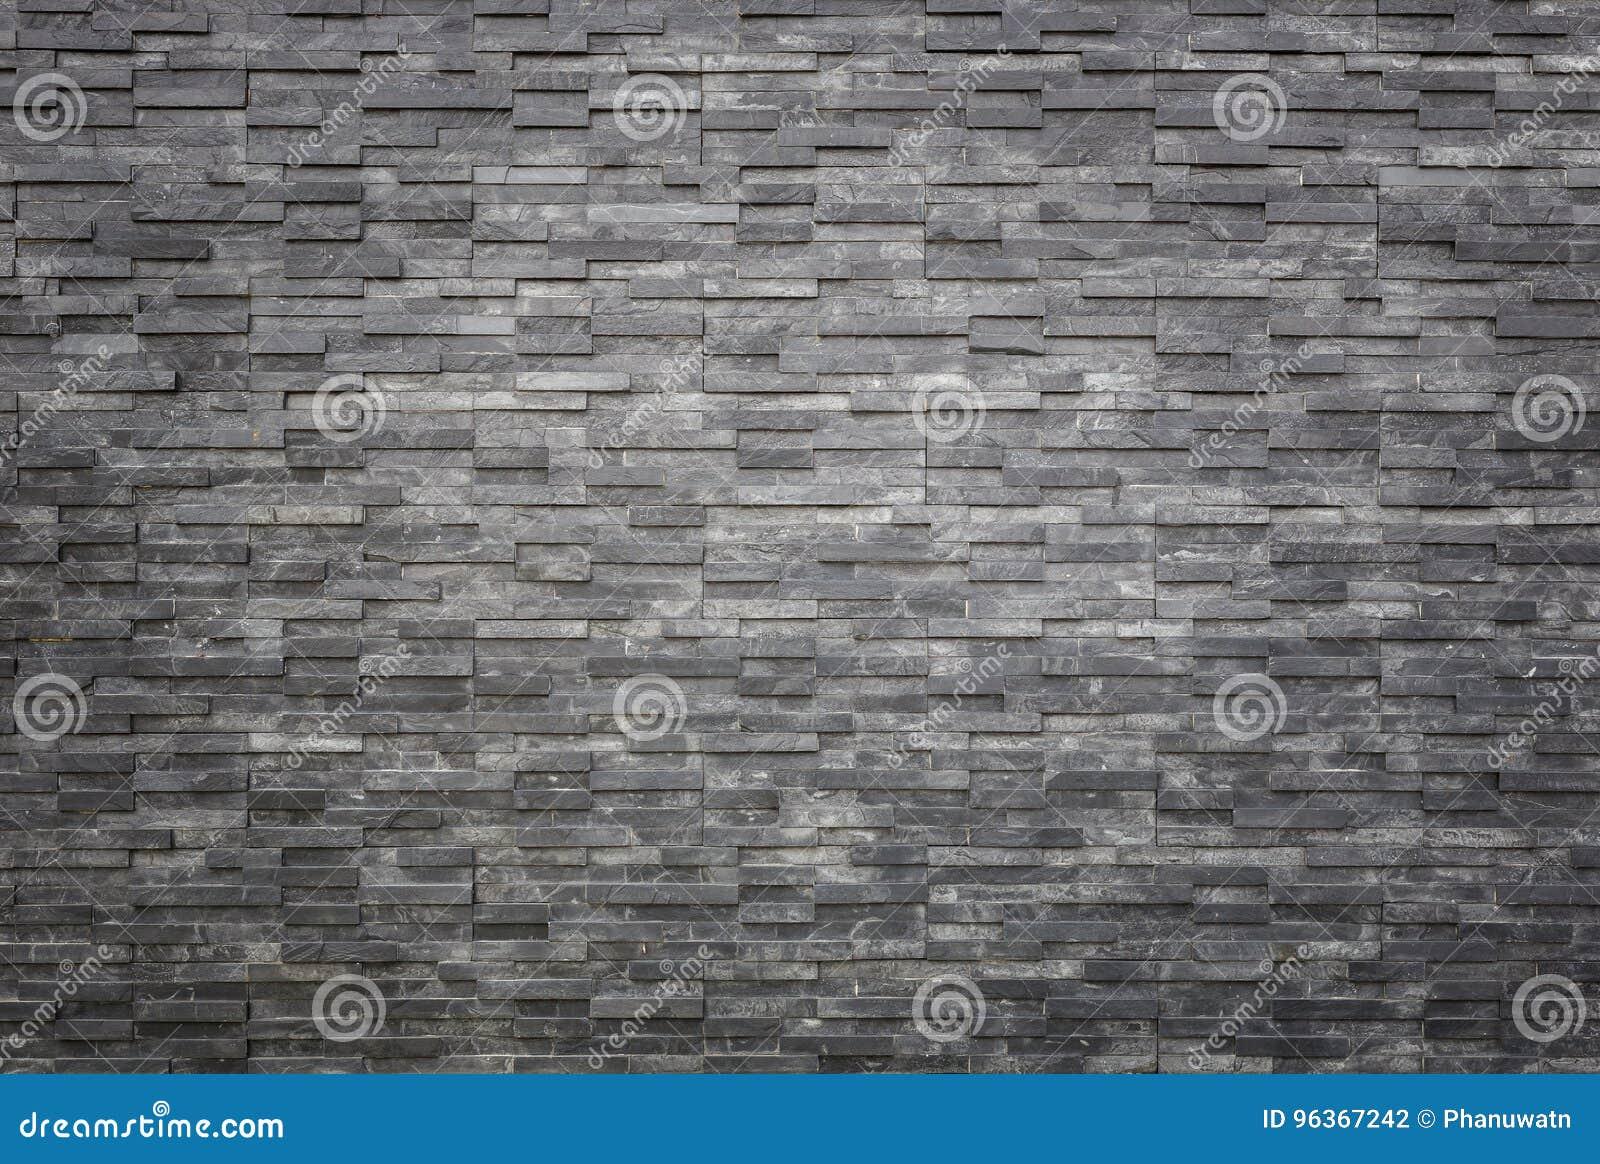 Texture Et Fond Noirs De Mur D Ardoise De Intérieur Ou Extérieur. Closeup,  Couleur.